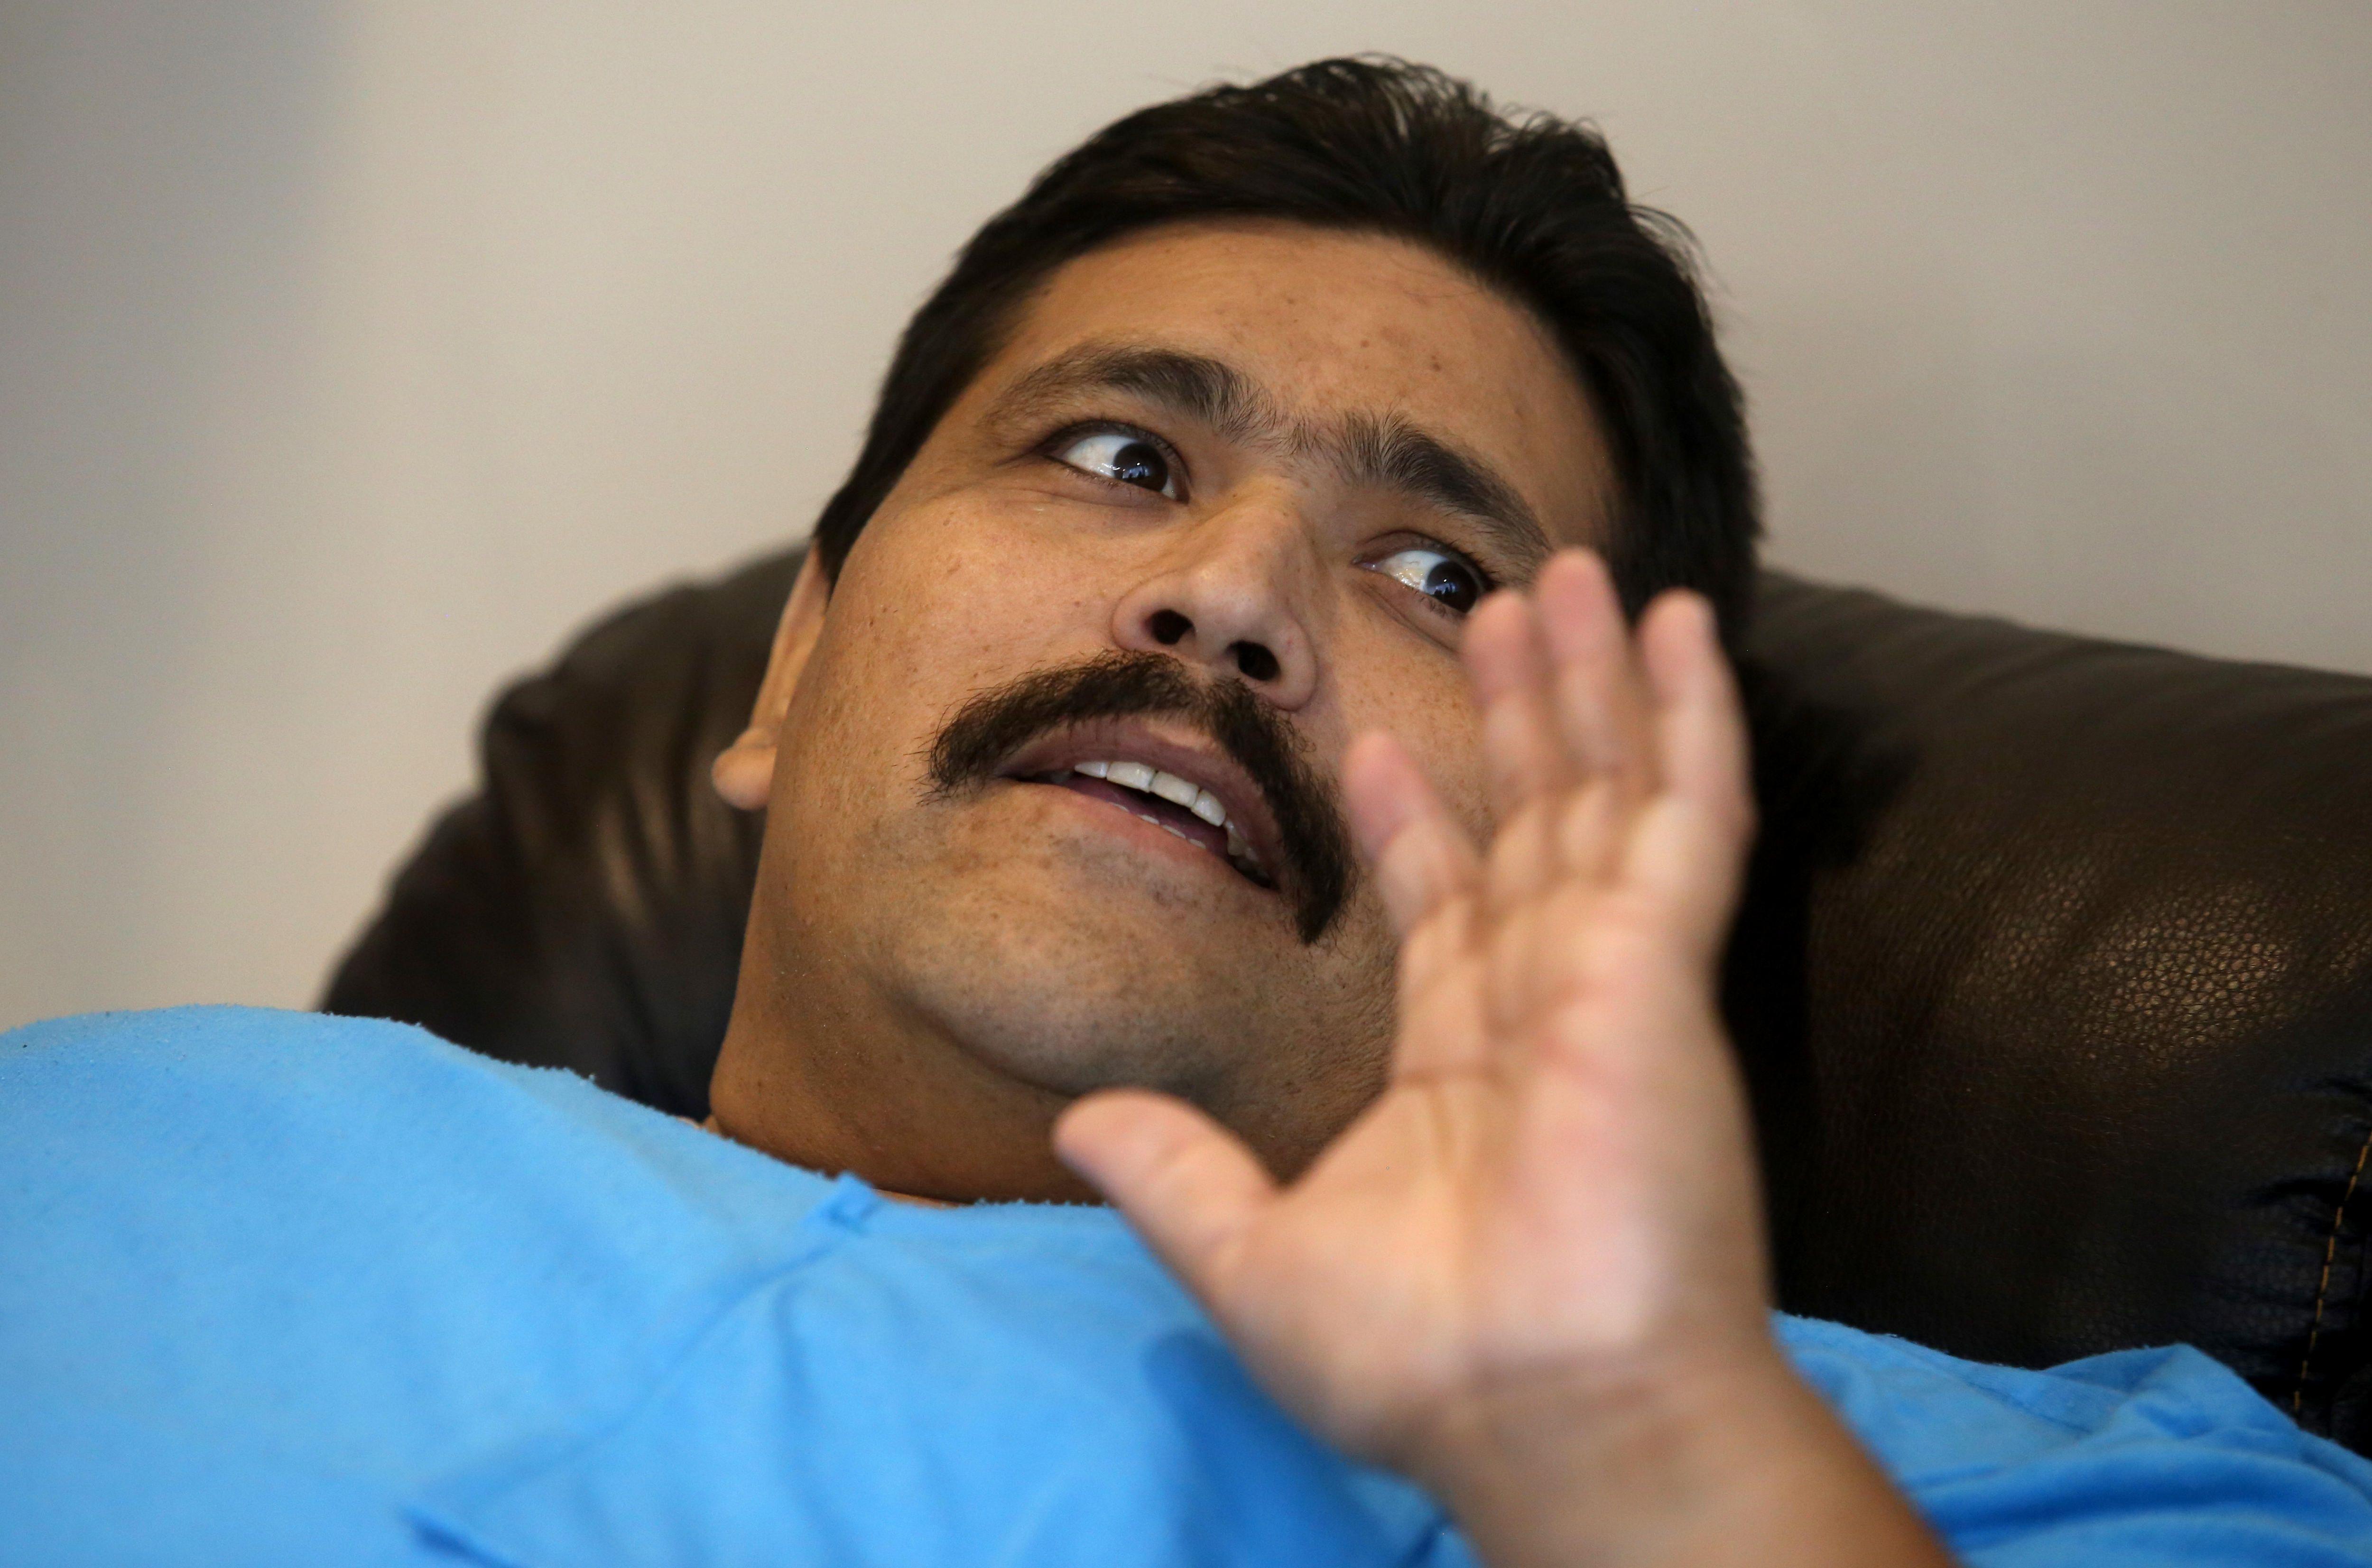 Murió el hombre más gordo del mundo: pesaba 323 kilos